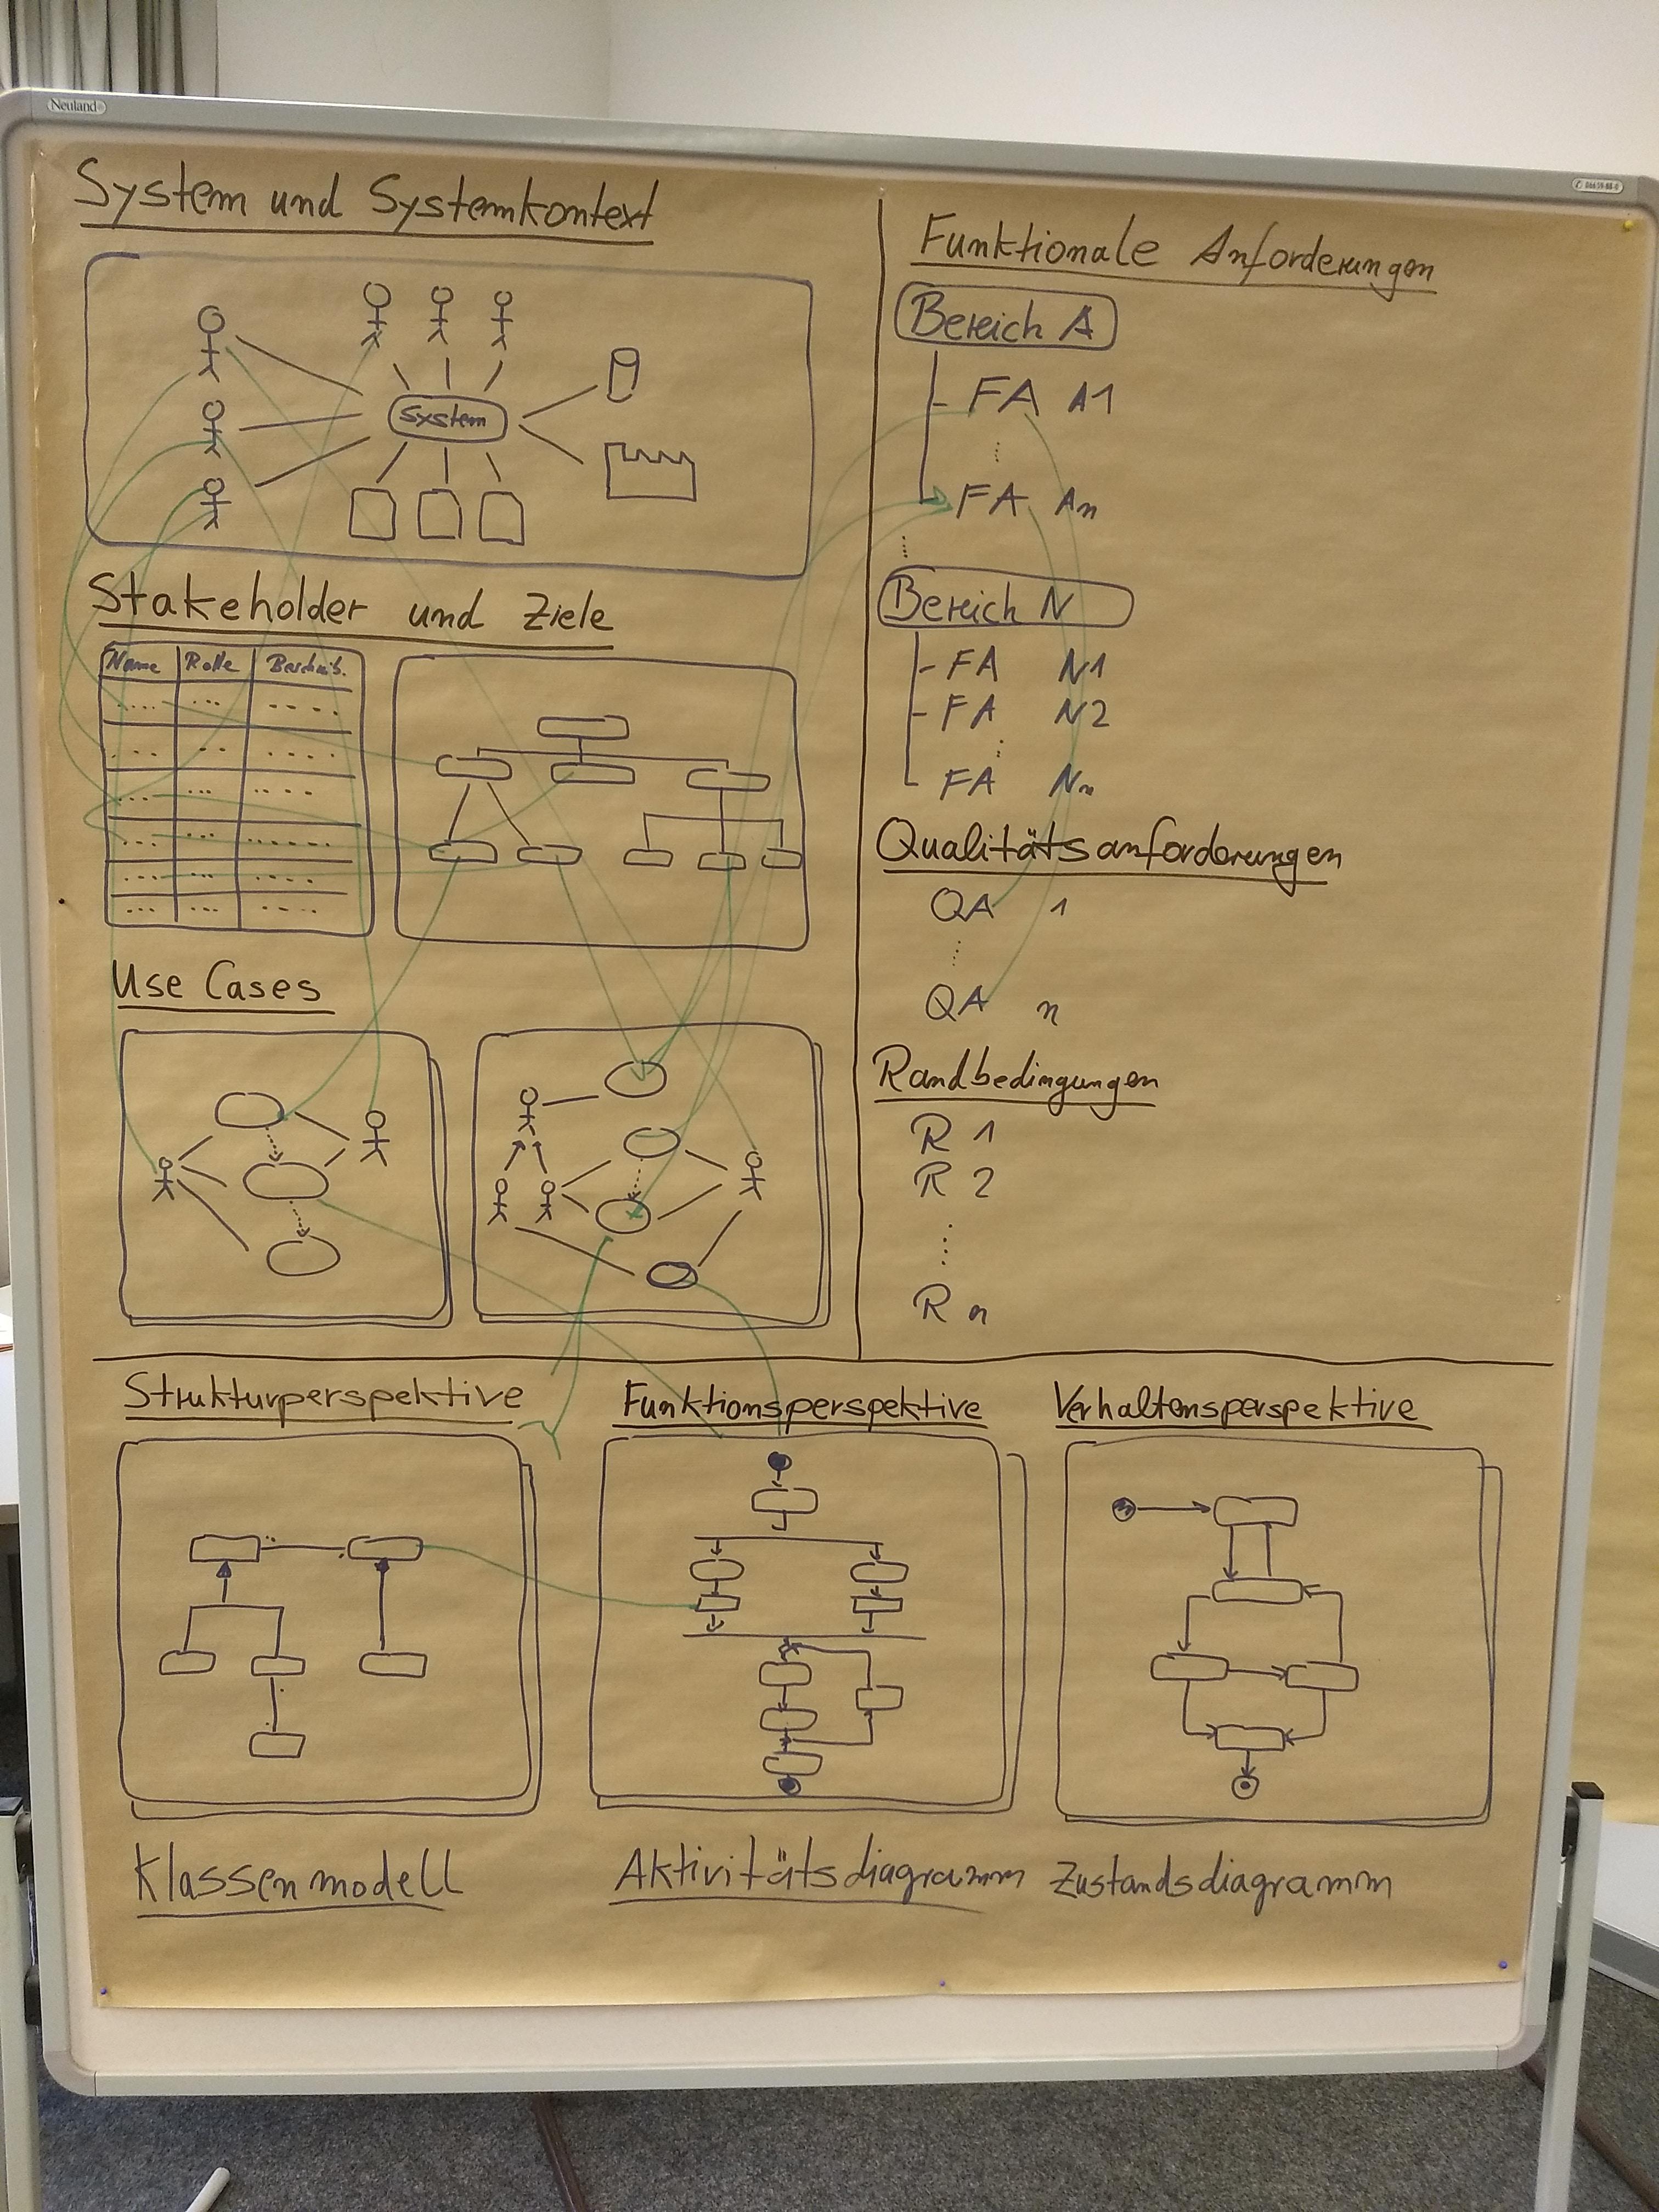 Schnappschuss aus dem IREB-Seminar (Foundation Level)